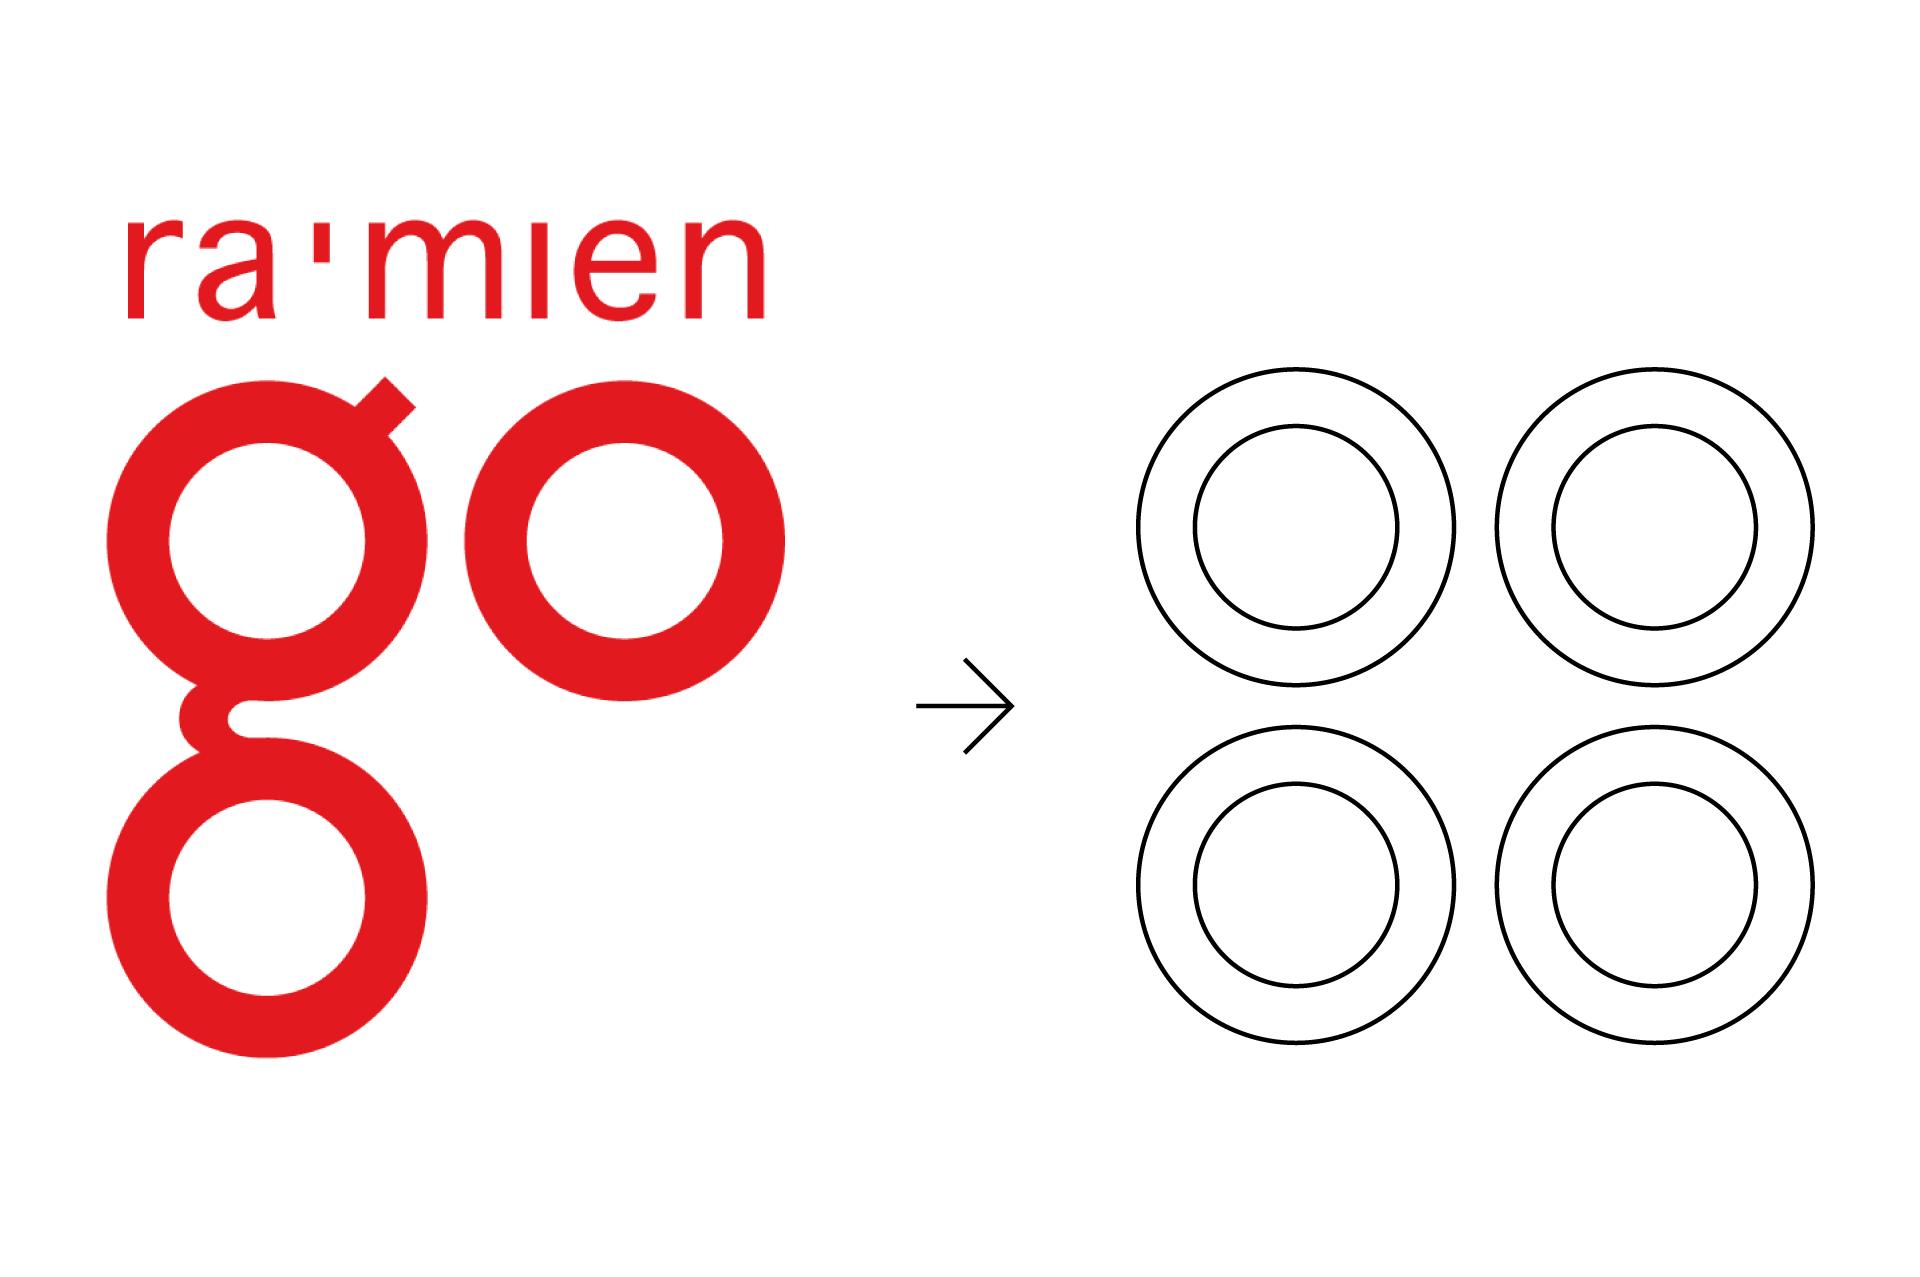 Logo des Restaurants ra'mien go, dessen Kreisform Vorbild für die Schriftgestaltung mono to go ist